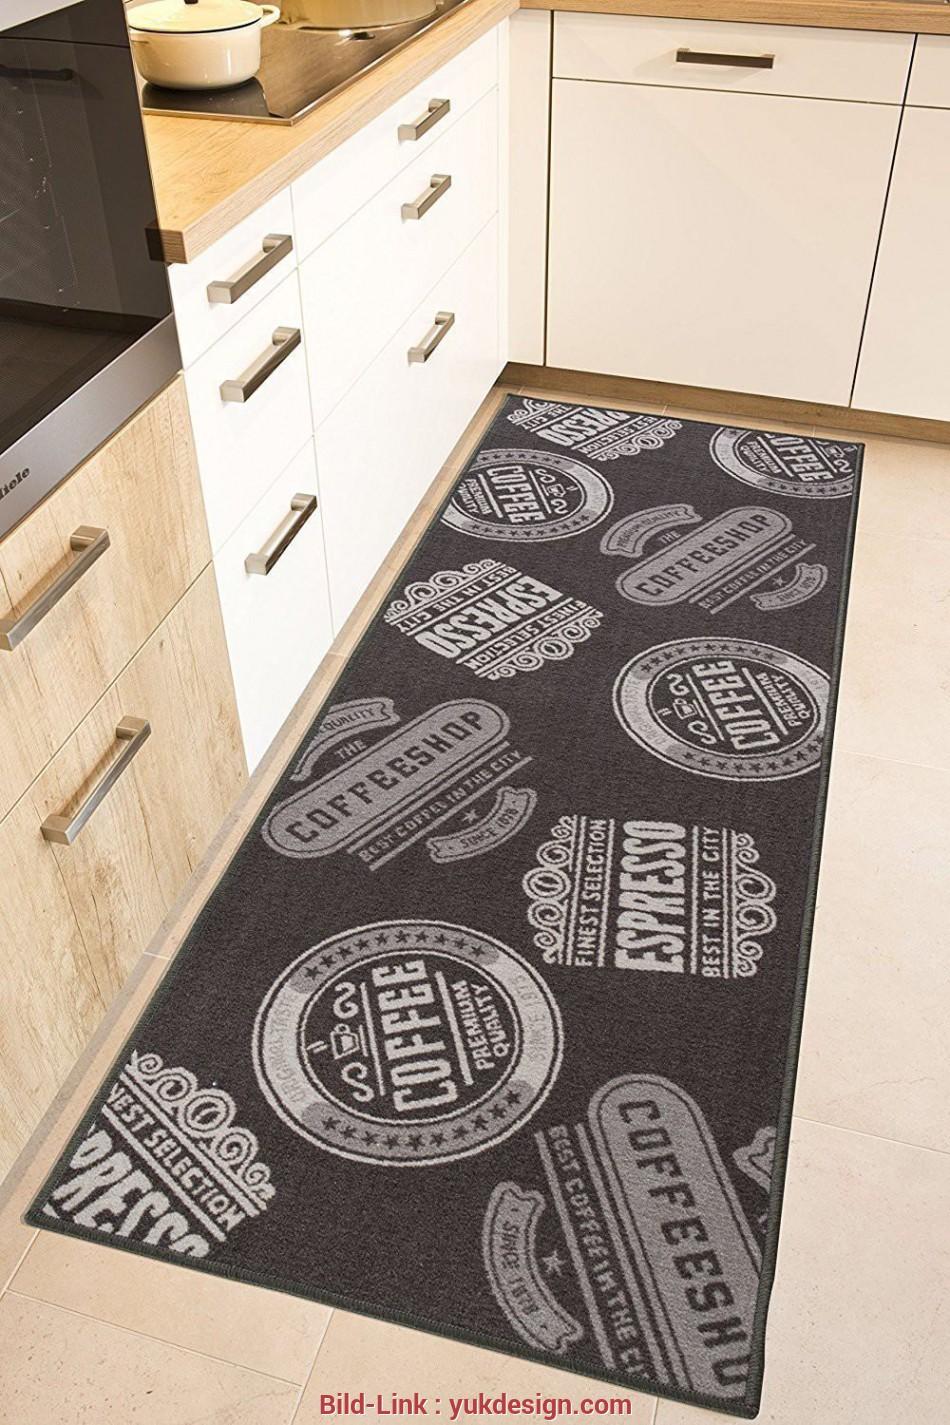 Full Size of Küchenläufer Ikea 4 Bemerkenswert Lufer Kche Küche Kosten Kaufen Miniküche Sofa Mit Schlaffunktion Betten 160x200 Bei Modulküche Wohnzimmer Küchenläufer Ikea